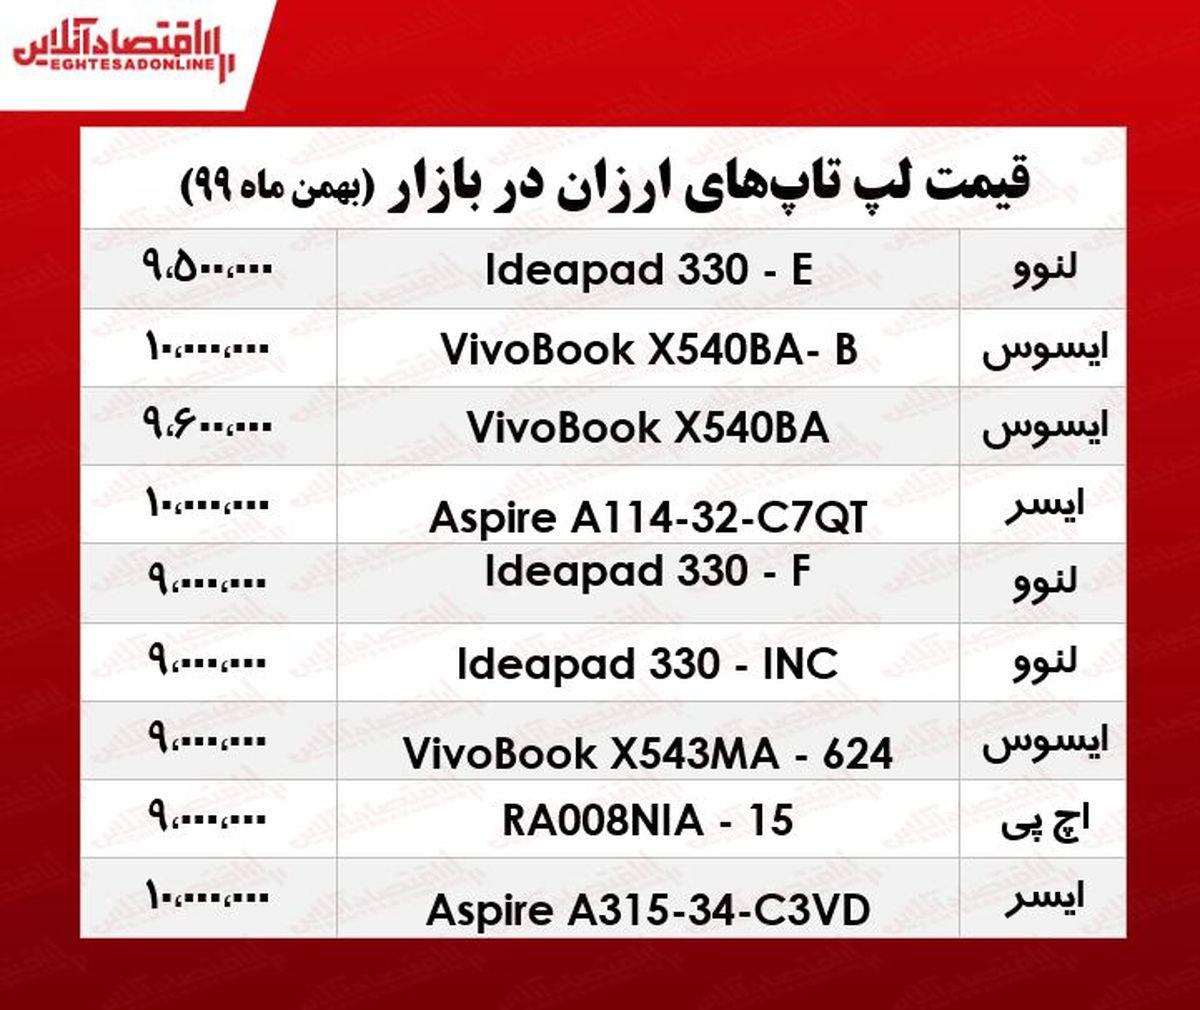 ارزانترین لپ تاپ چند؟/ ۱۱بهمن ۹۹